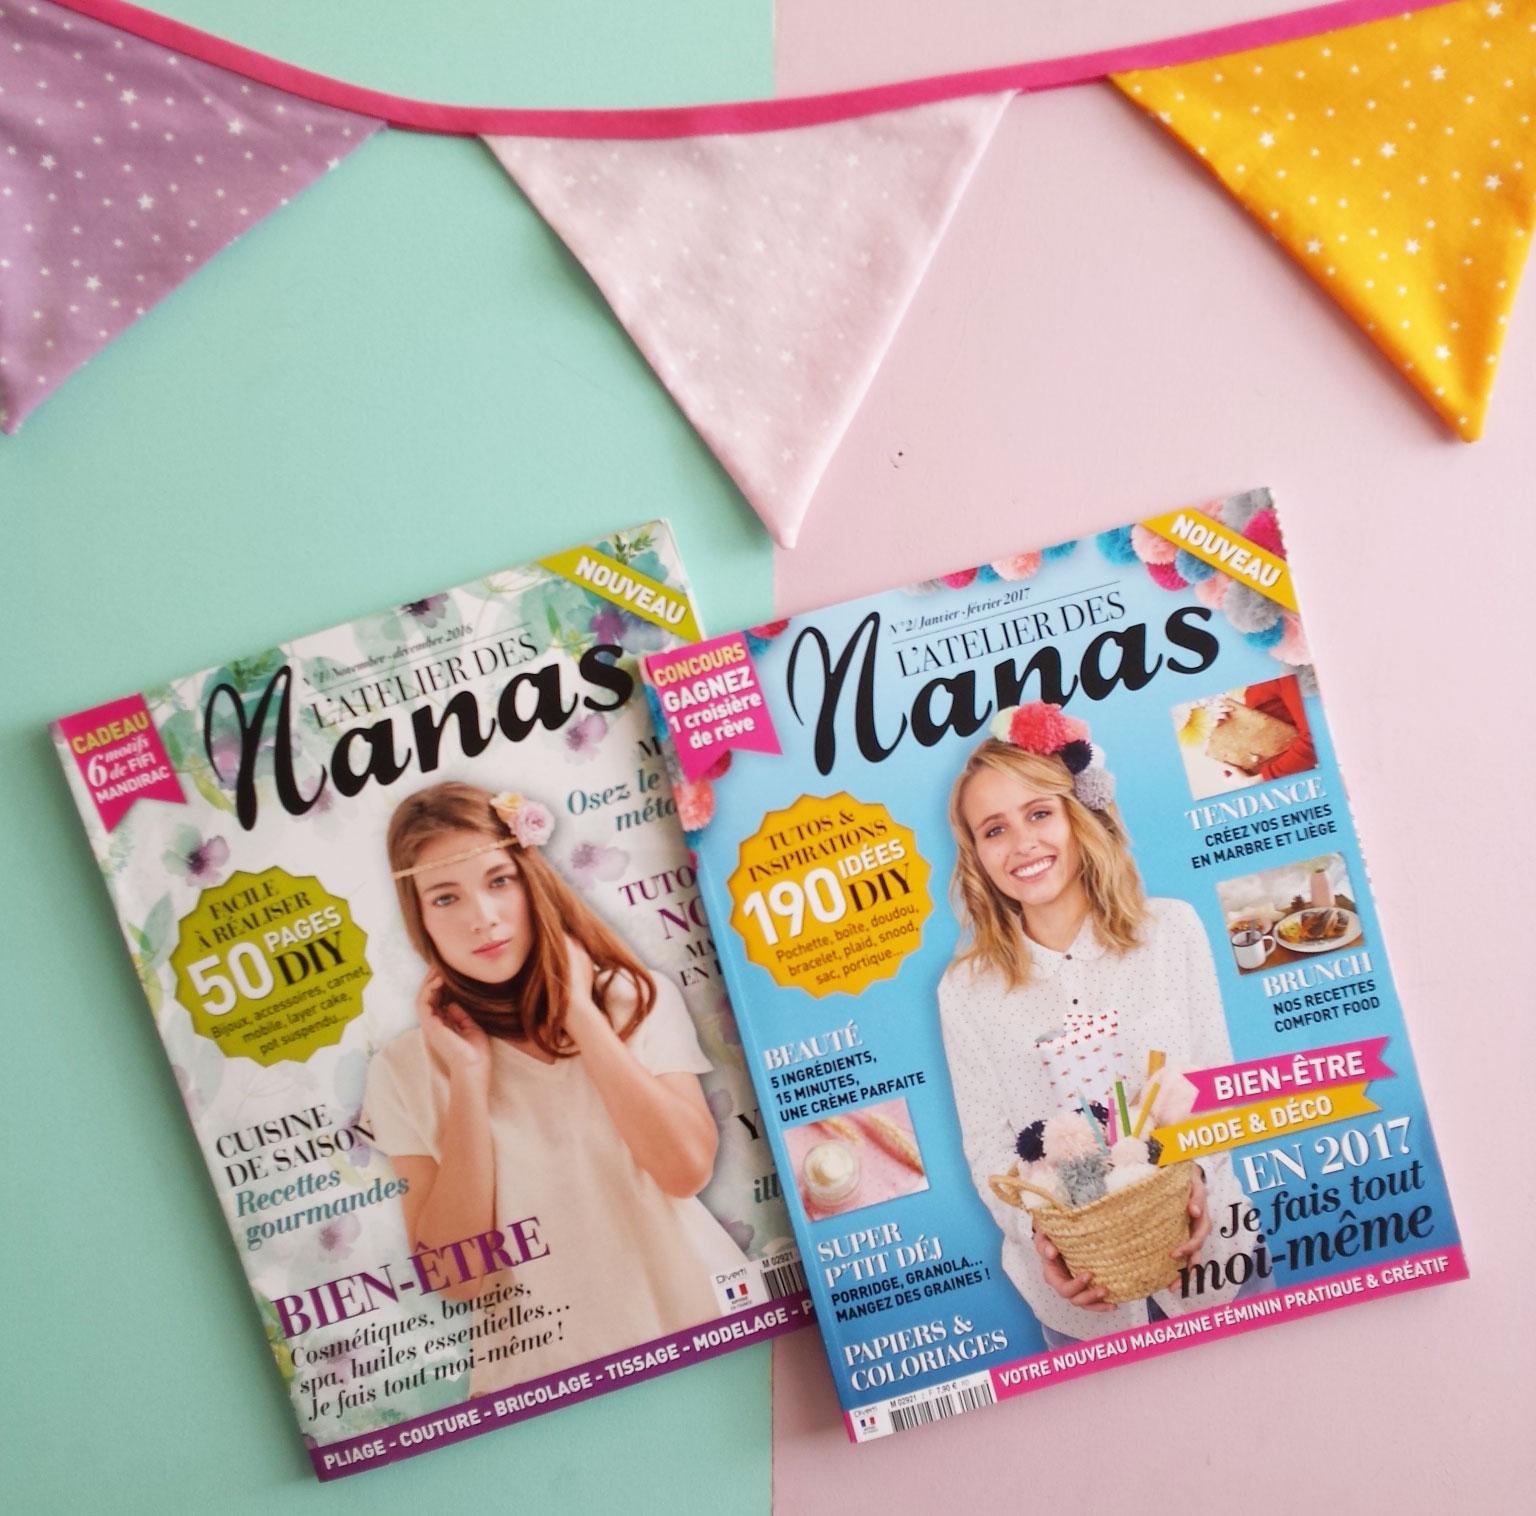 L'atelier des nanas magazine